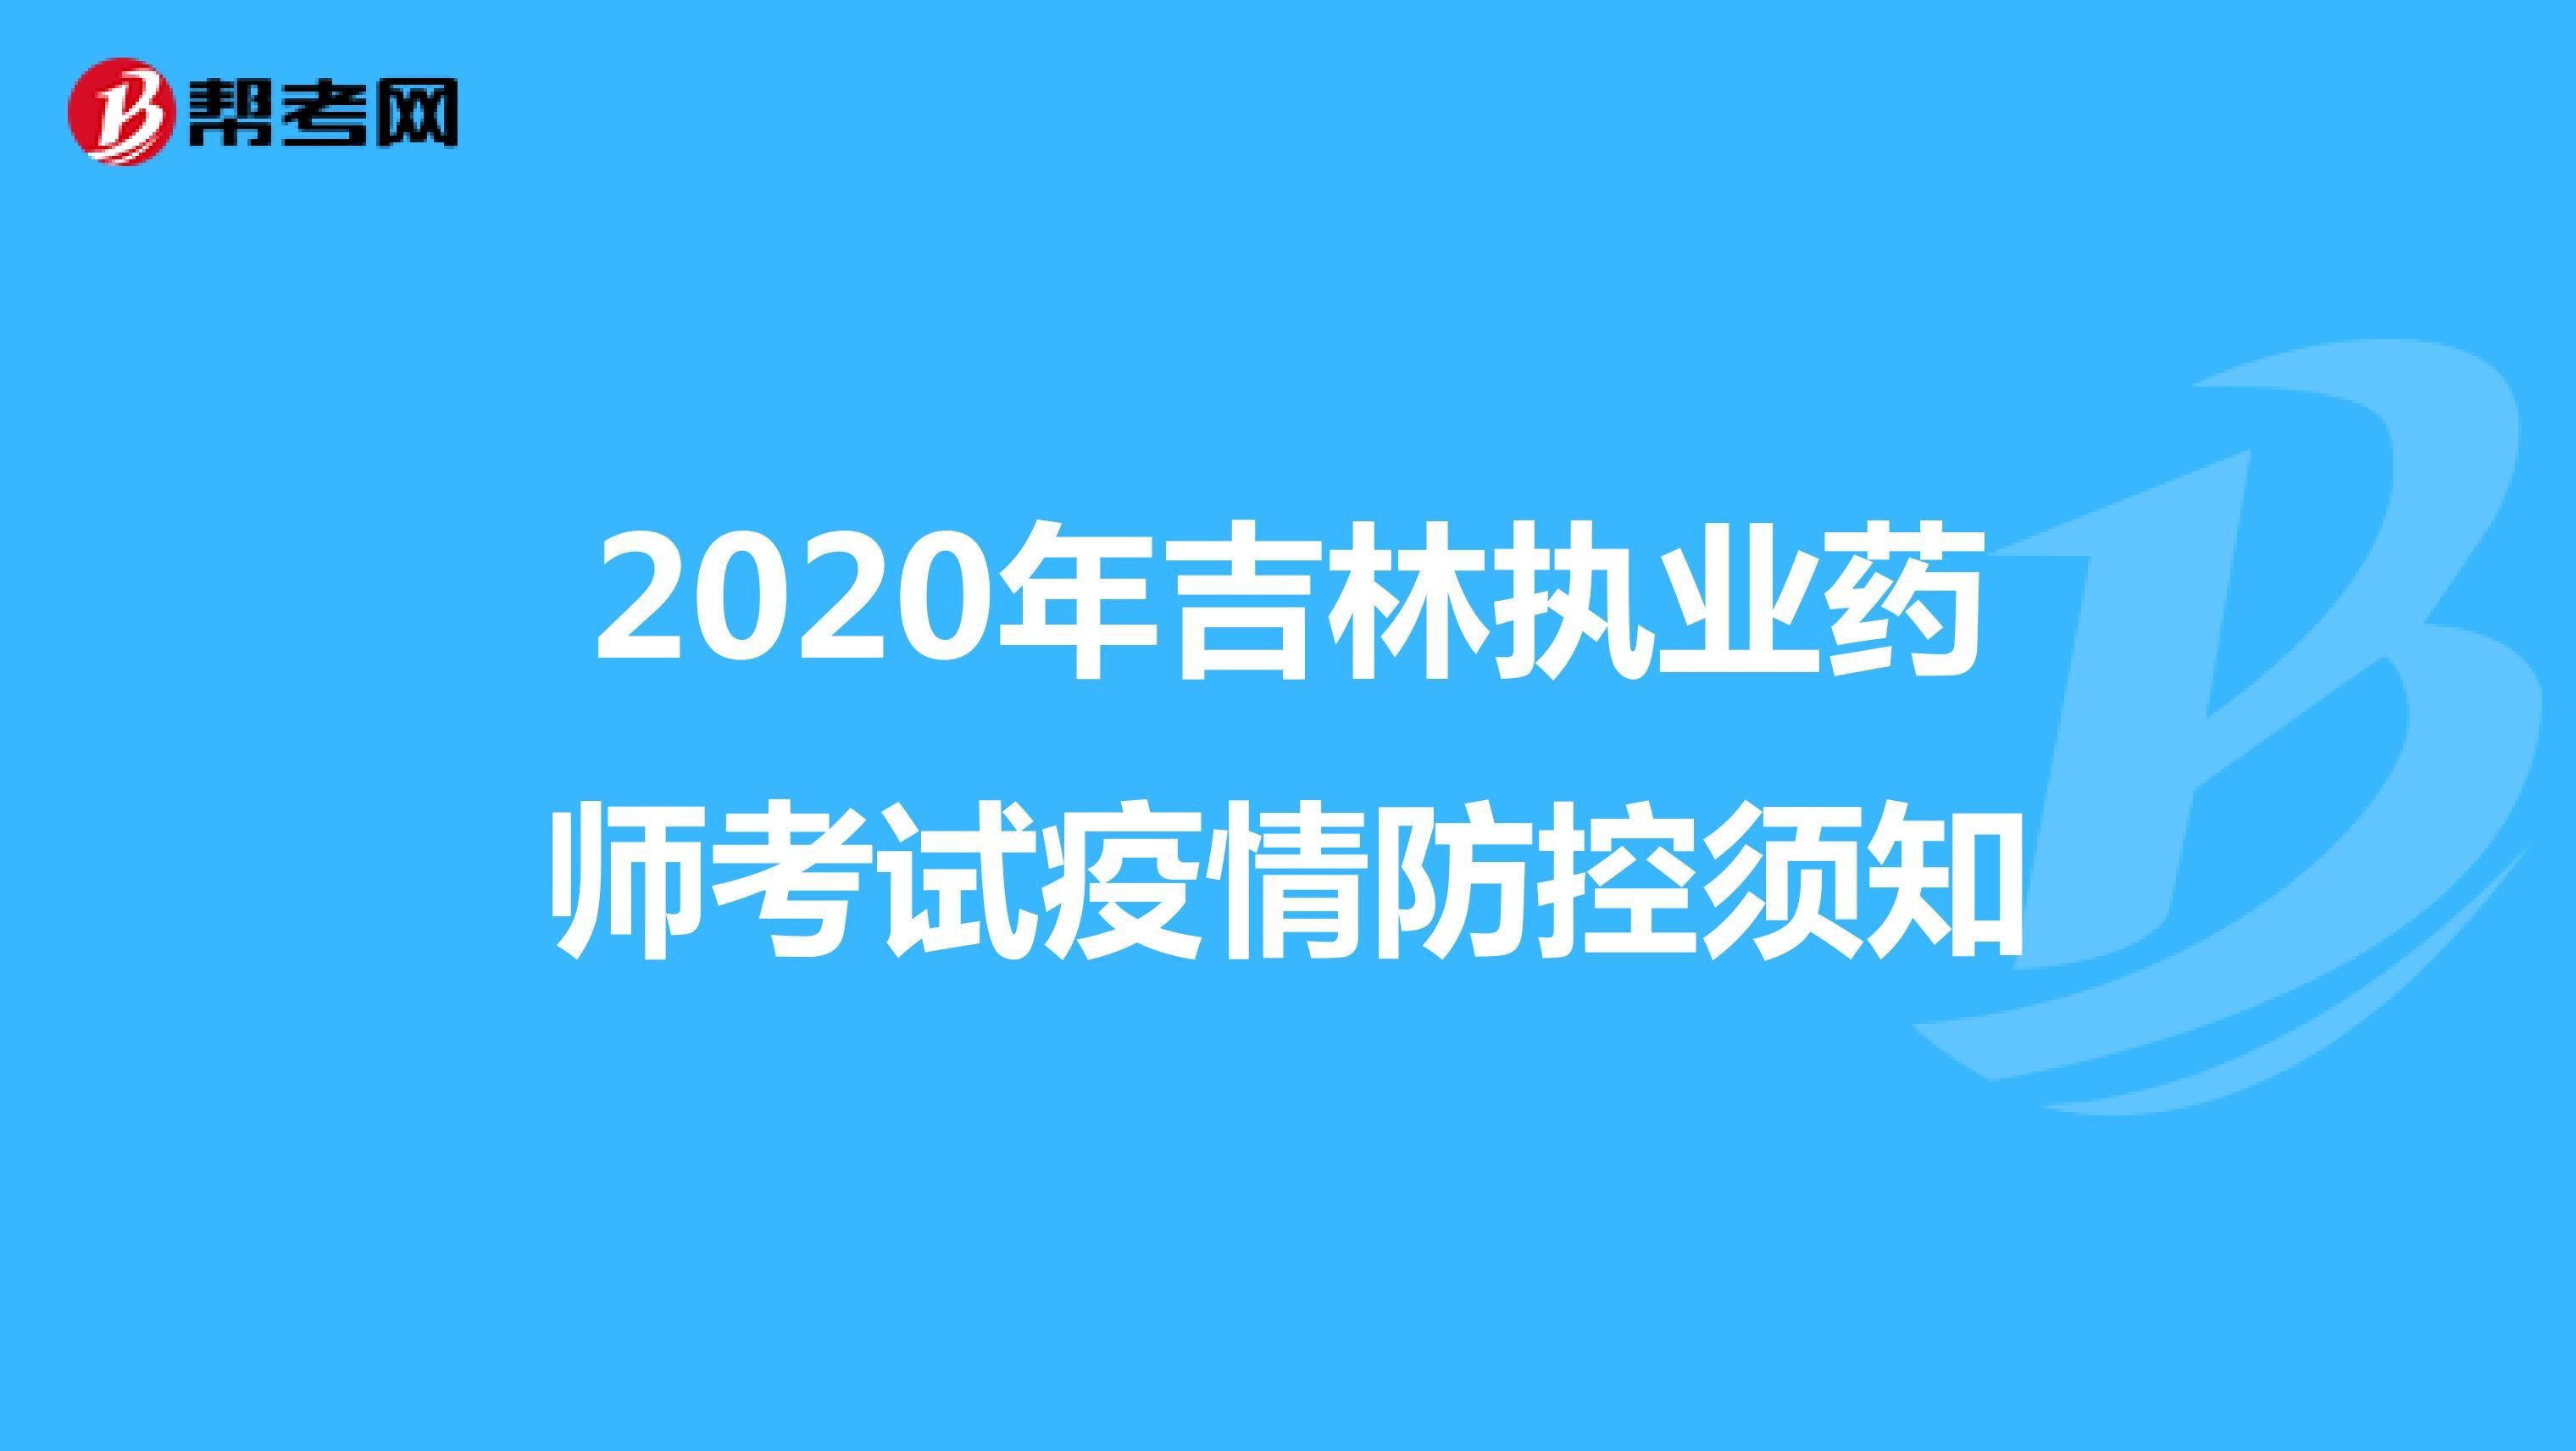 2020年吉林执业药师考试疫情防控须知